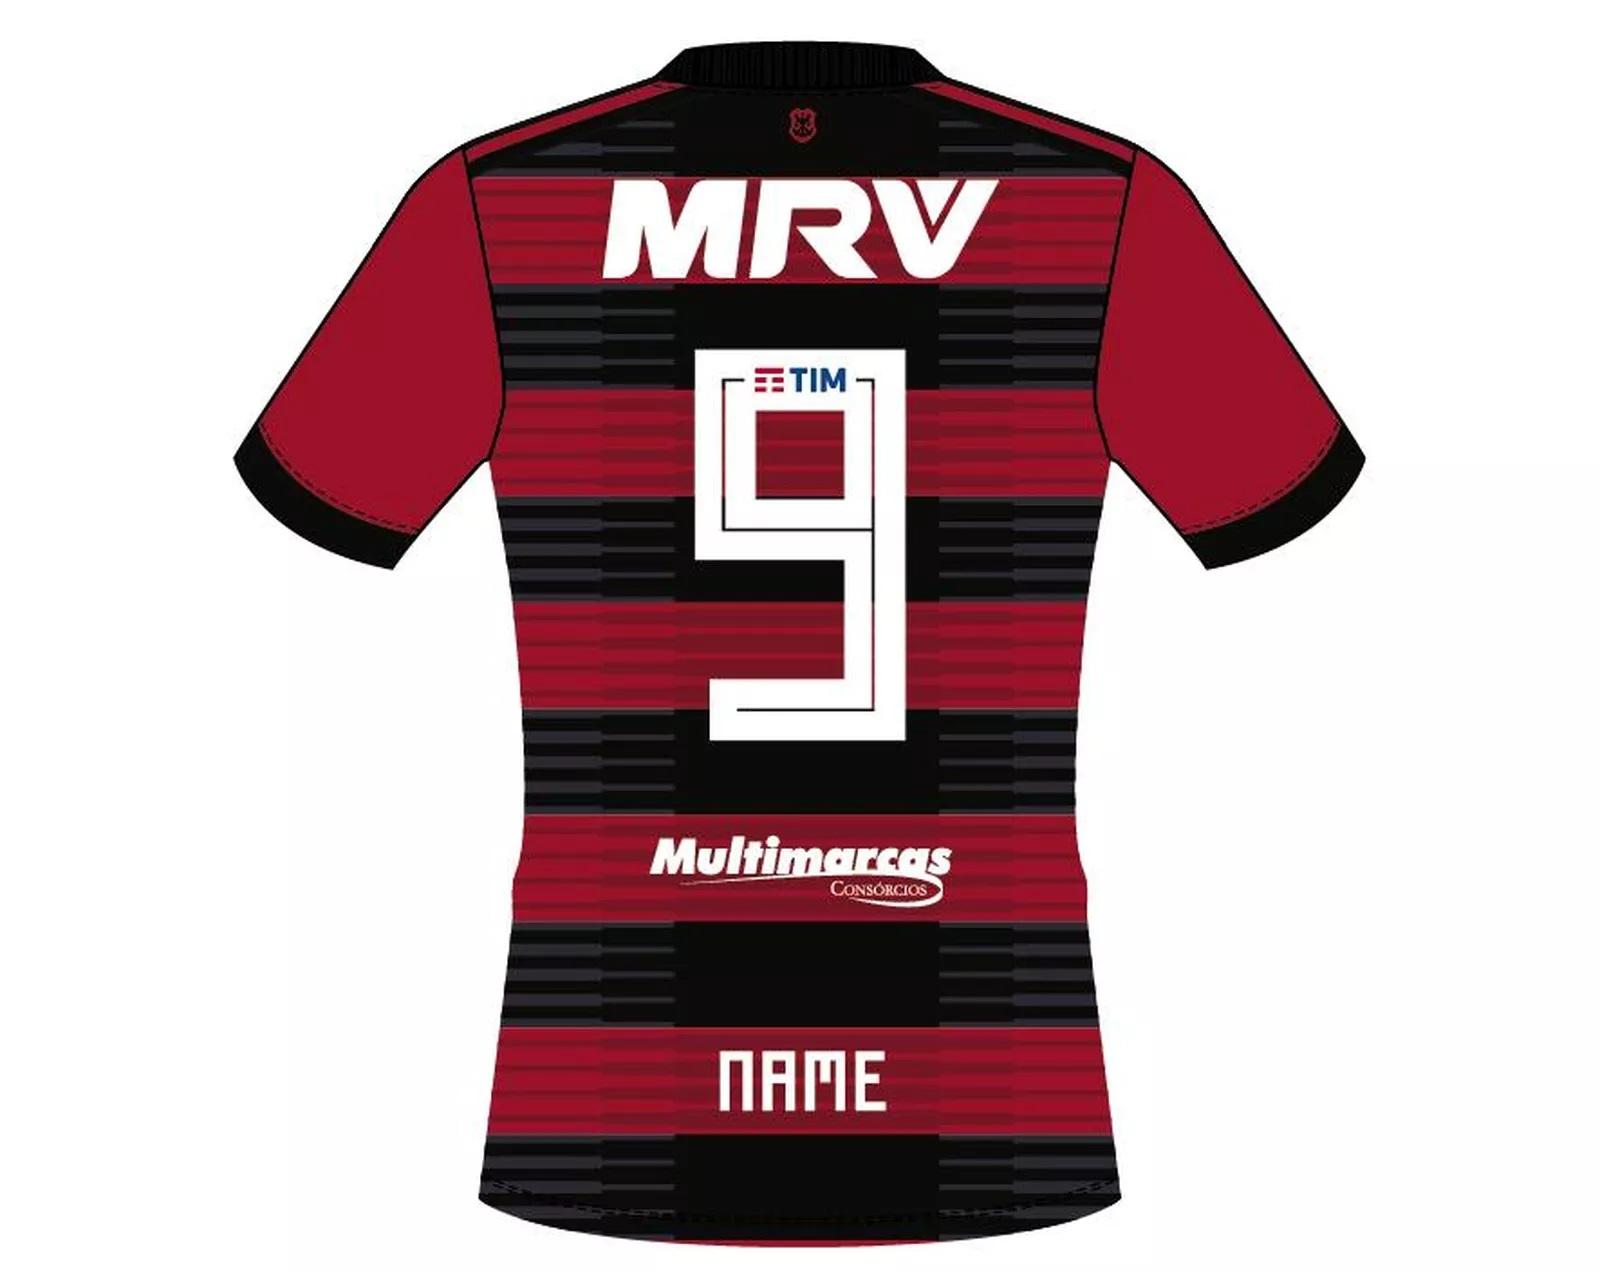 0ee1a57ba5505 Flamengo Notícias  Flamengo confirma novo patrocínio para a camisa ...